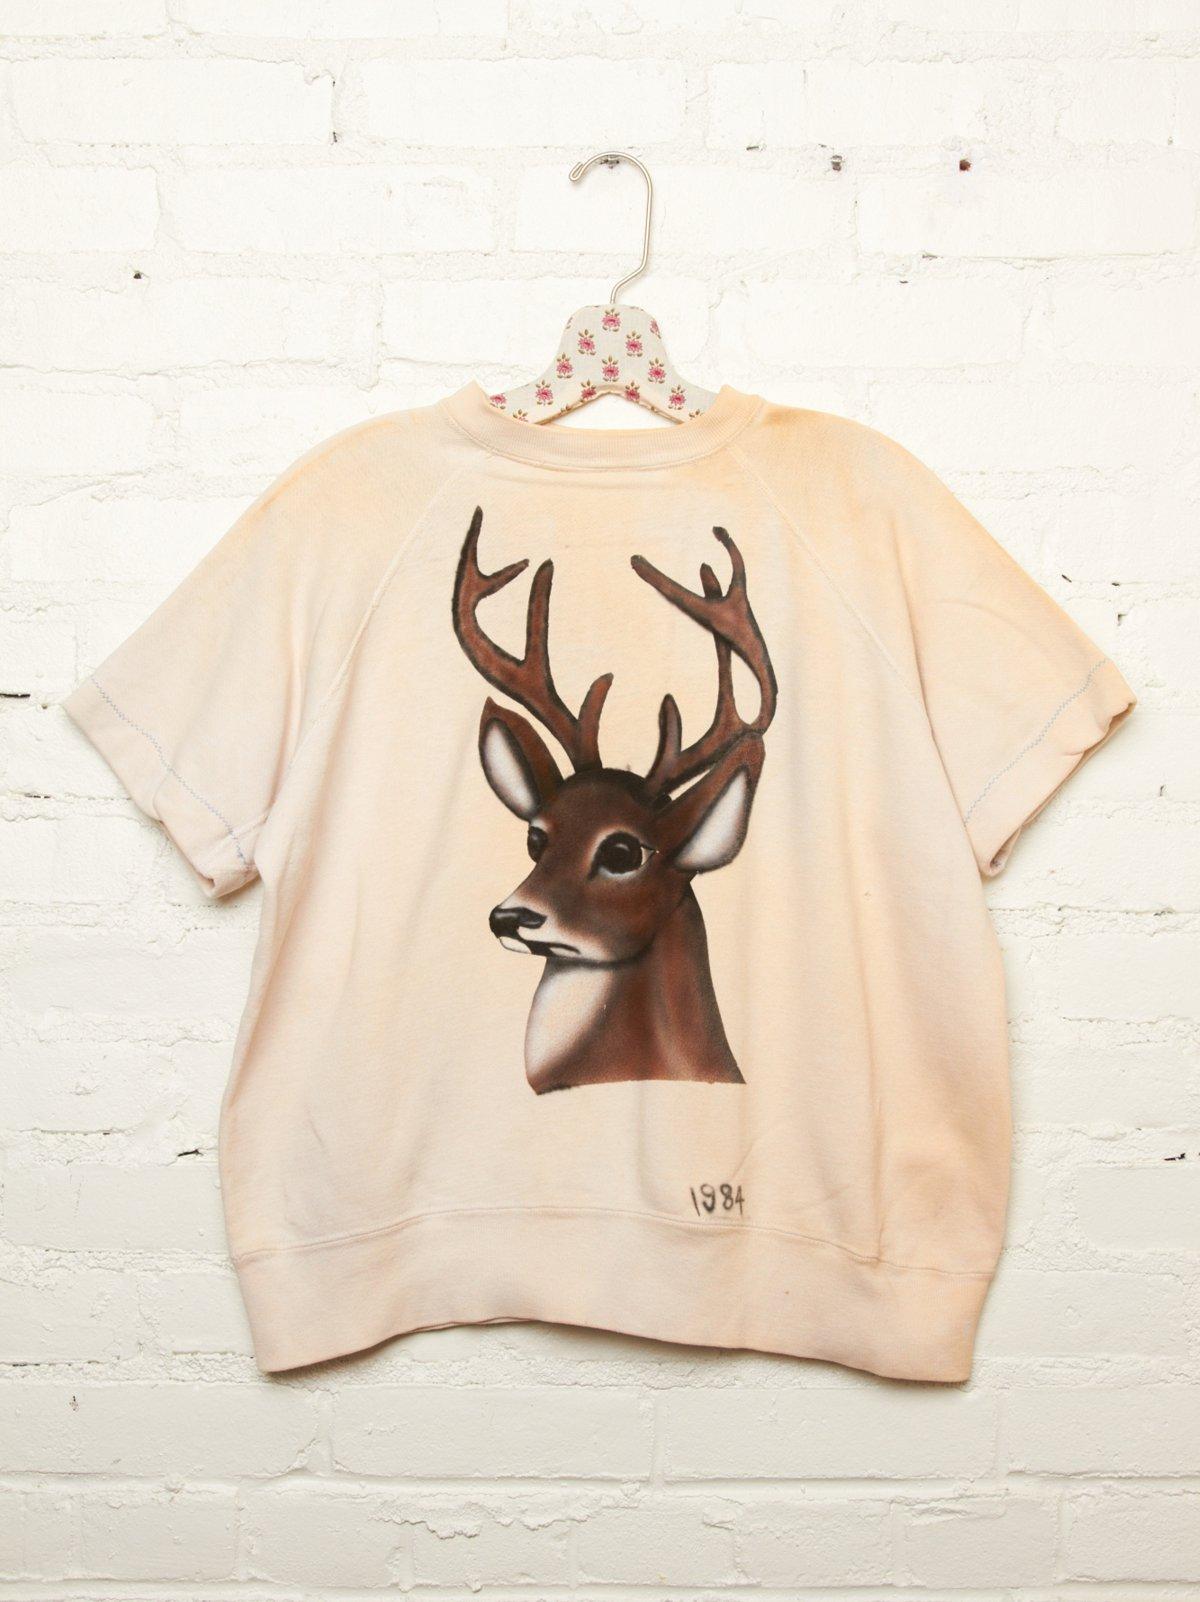 Vintage Airbrushed Deer Sweatshirt